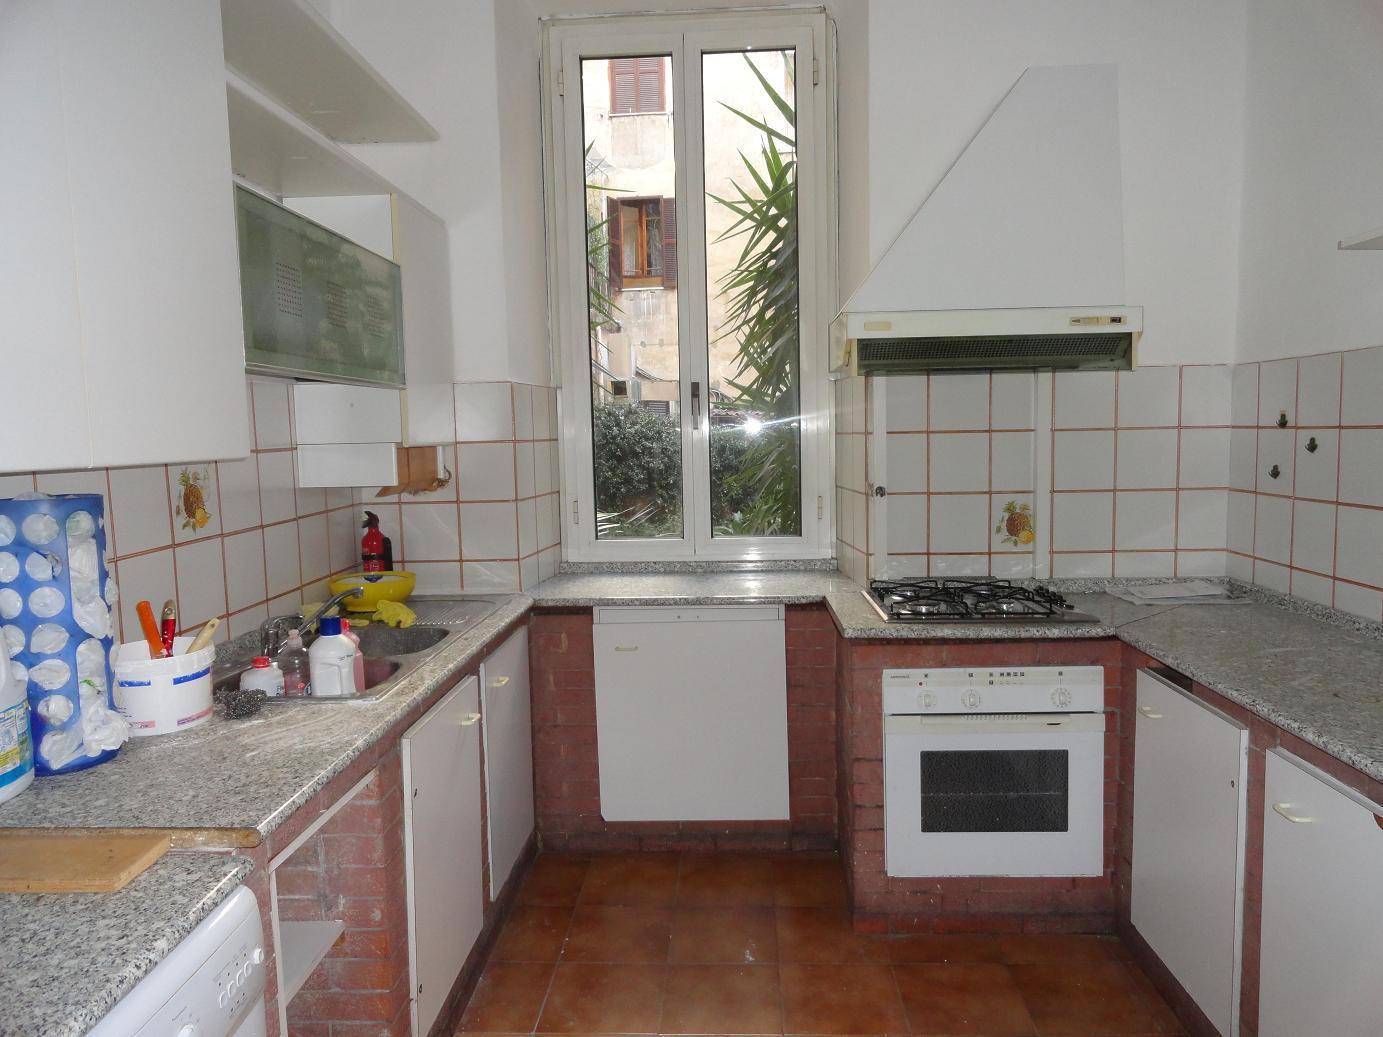 300r appartamento vendita roma 3 immobilcasa snc - Vendita piastrelle roma ...